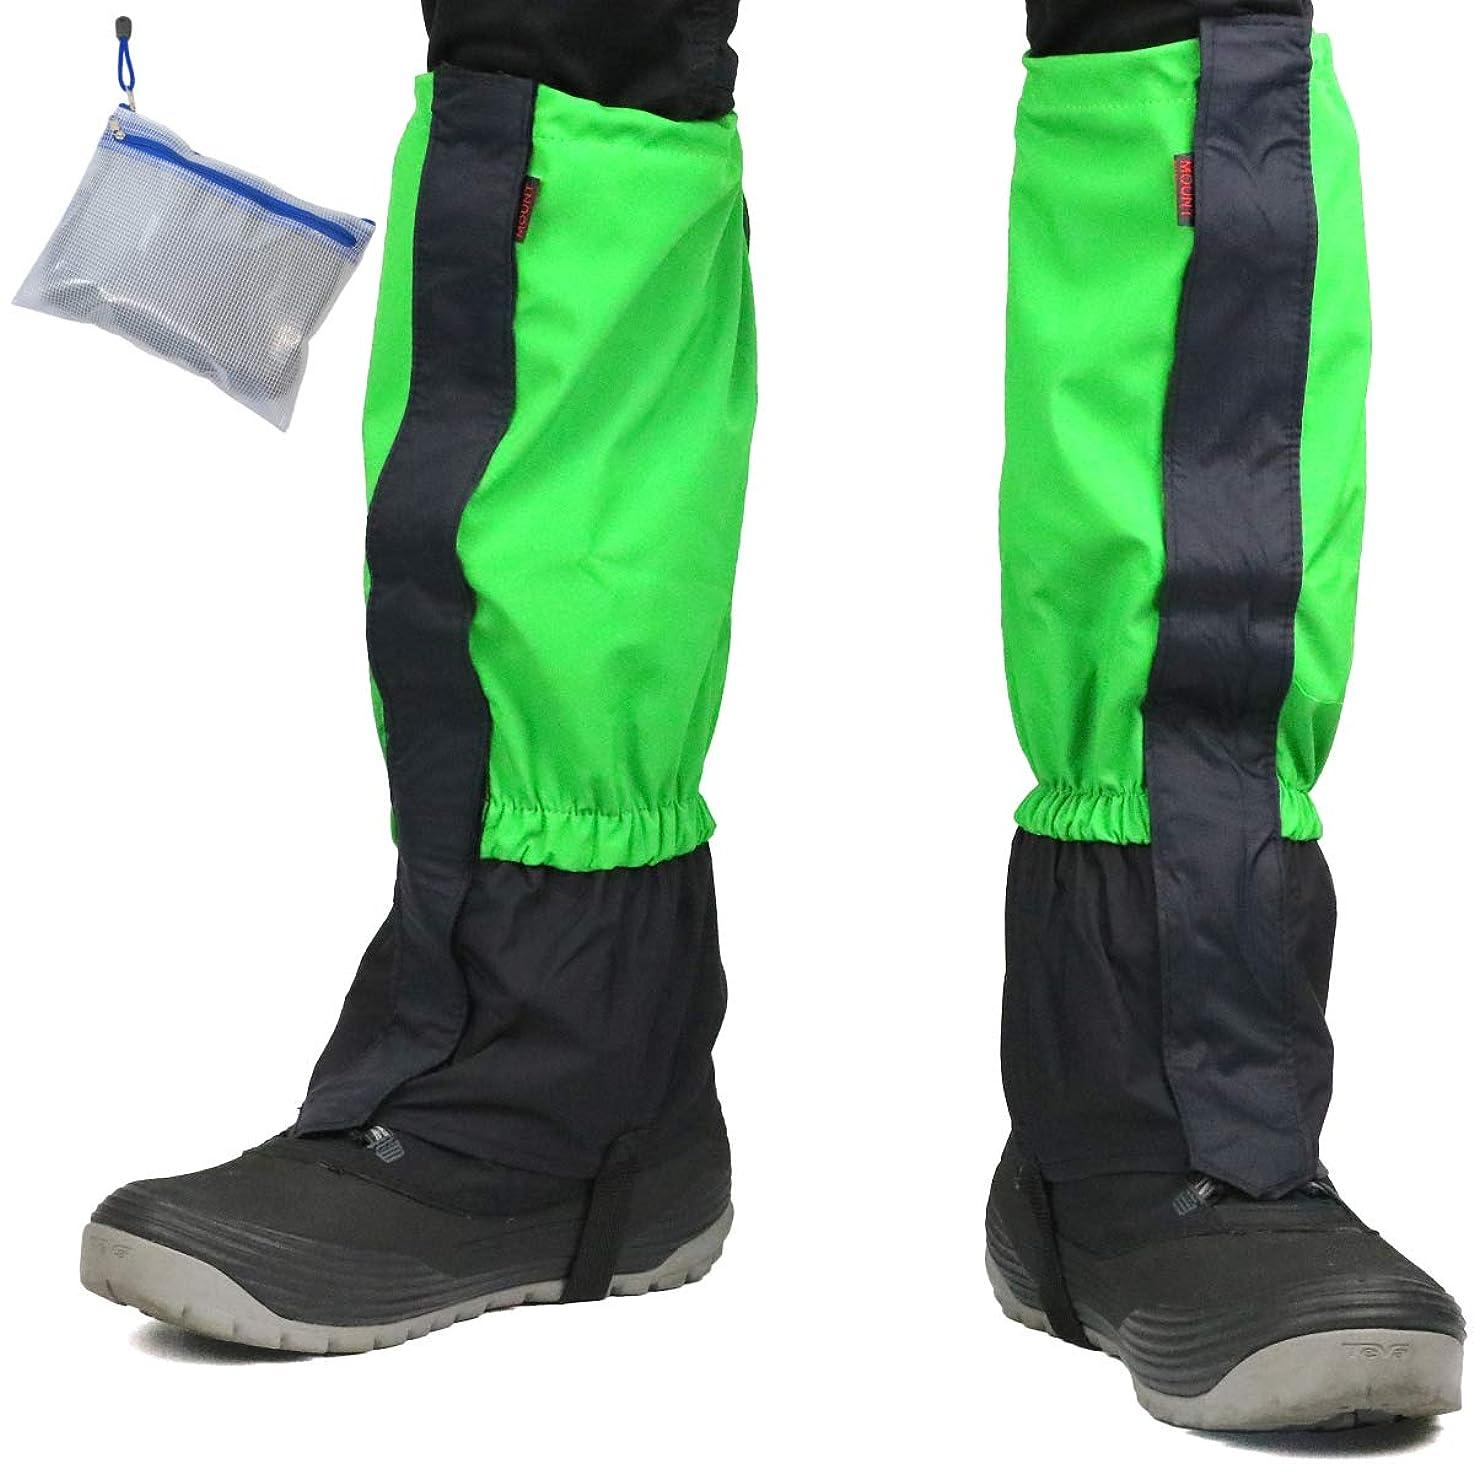 確立試み優先ADELPHOS ゲイター 登山用品 登山スパッツ 登山ゲイター ロングスパッツ 防水 泥除け 雨よけ 雪対策 トレッキング アウトドア バイク 草刈り 男女兼用 GTR-1000